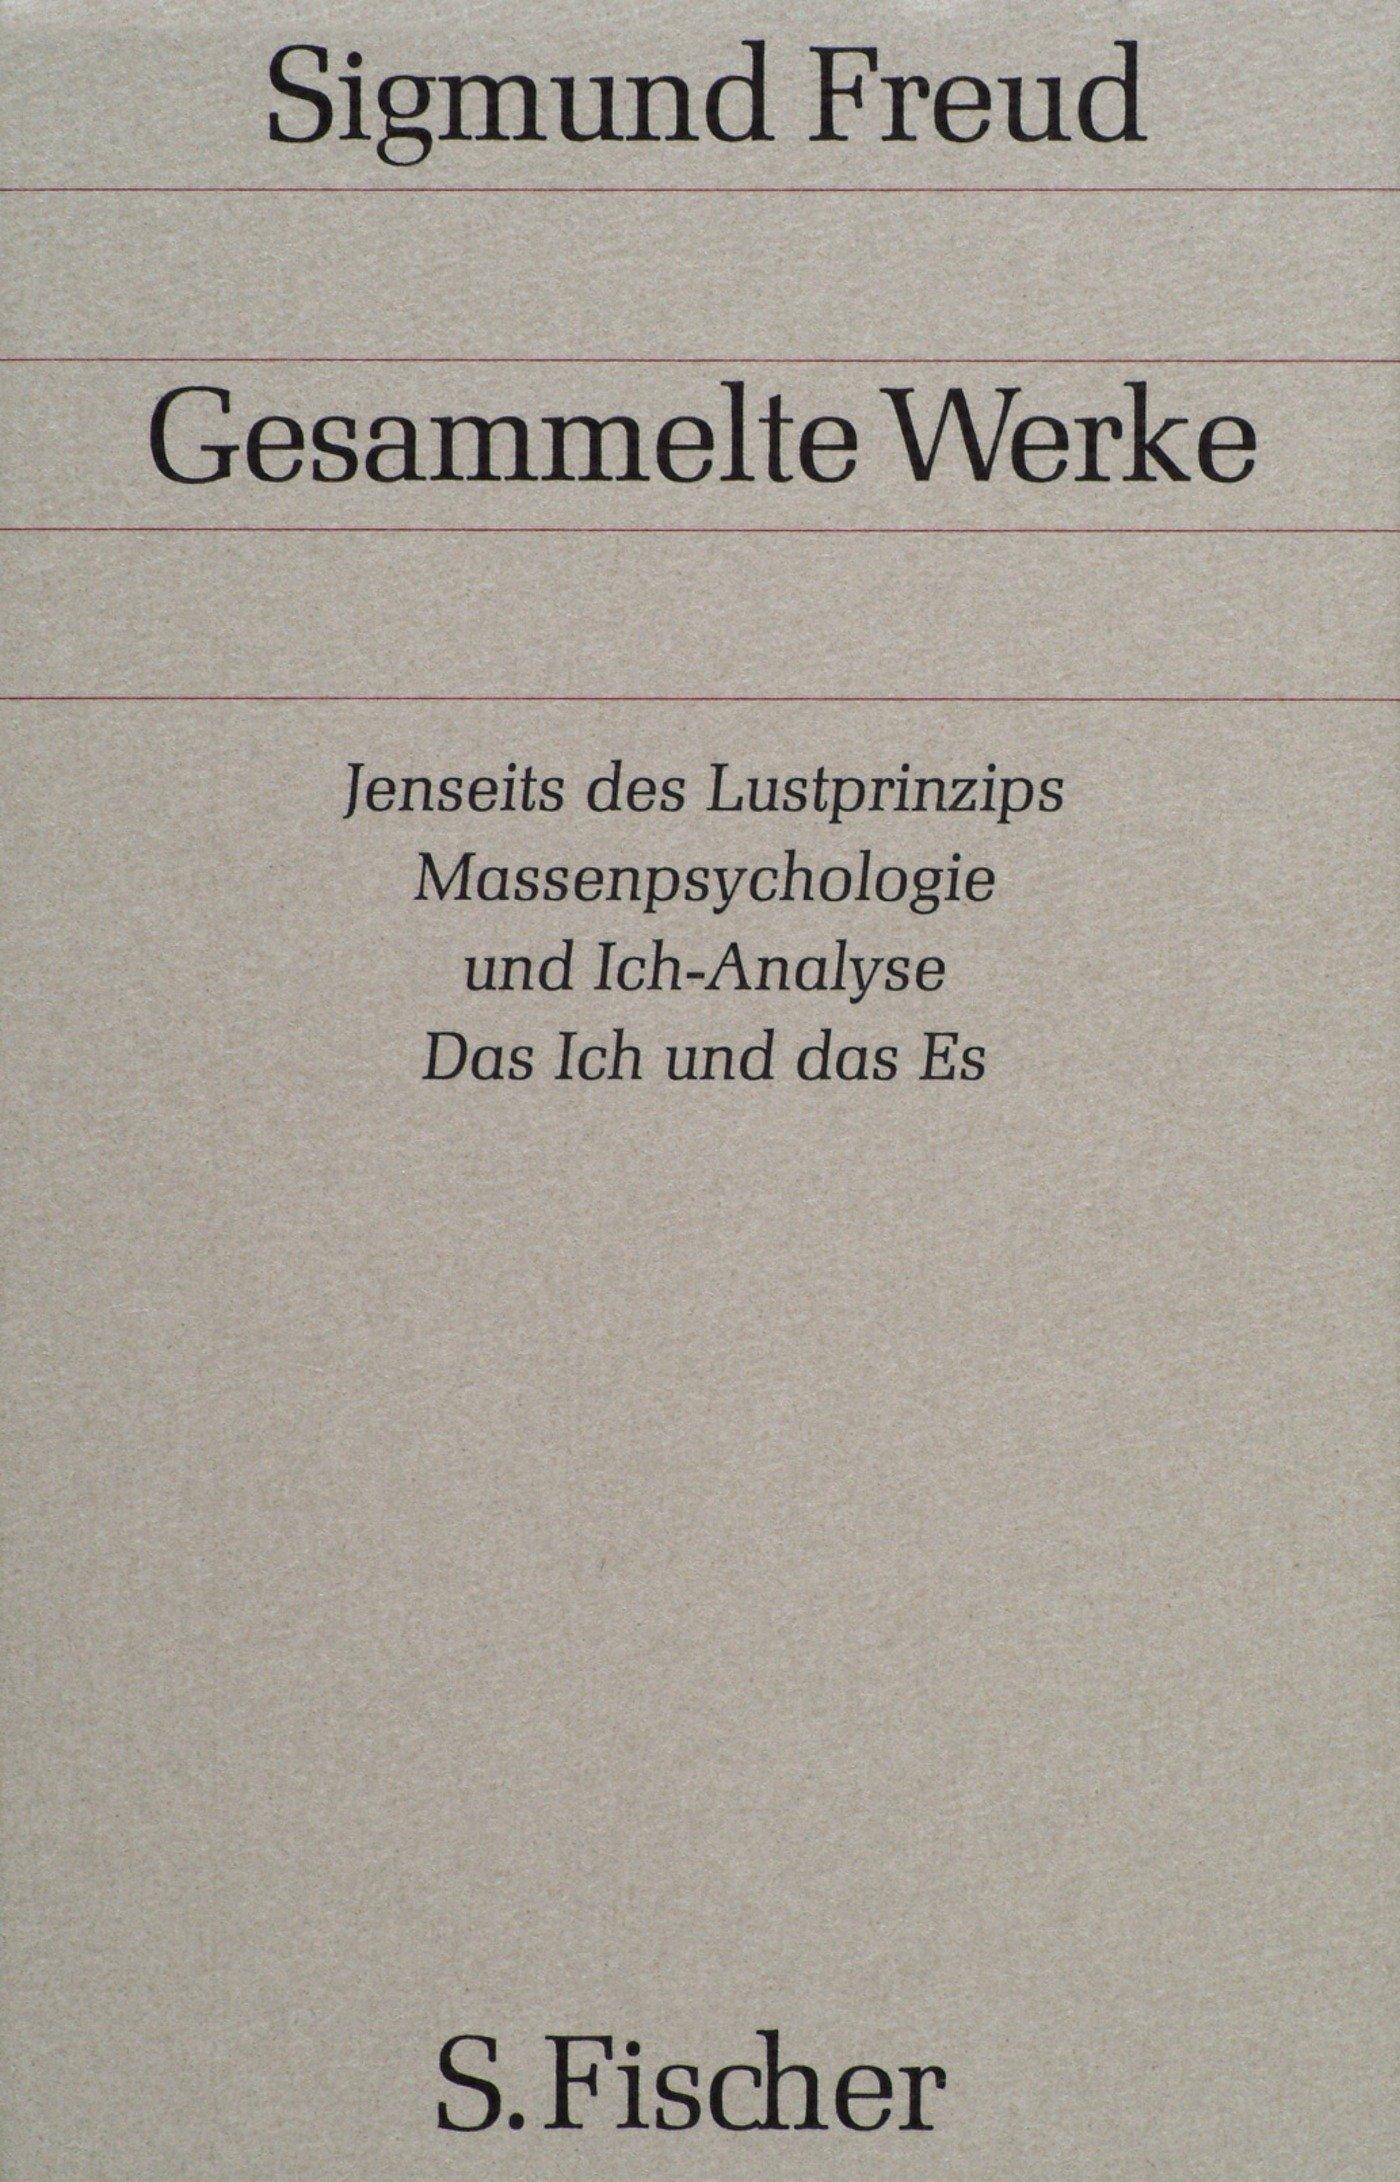 Jenseits des Lustprinzips / Massenpsychologie und Ich-Analyse / Das Ich und das Es Und andere Werke aus den Jahren 1920-1924.